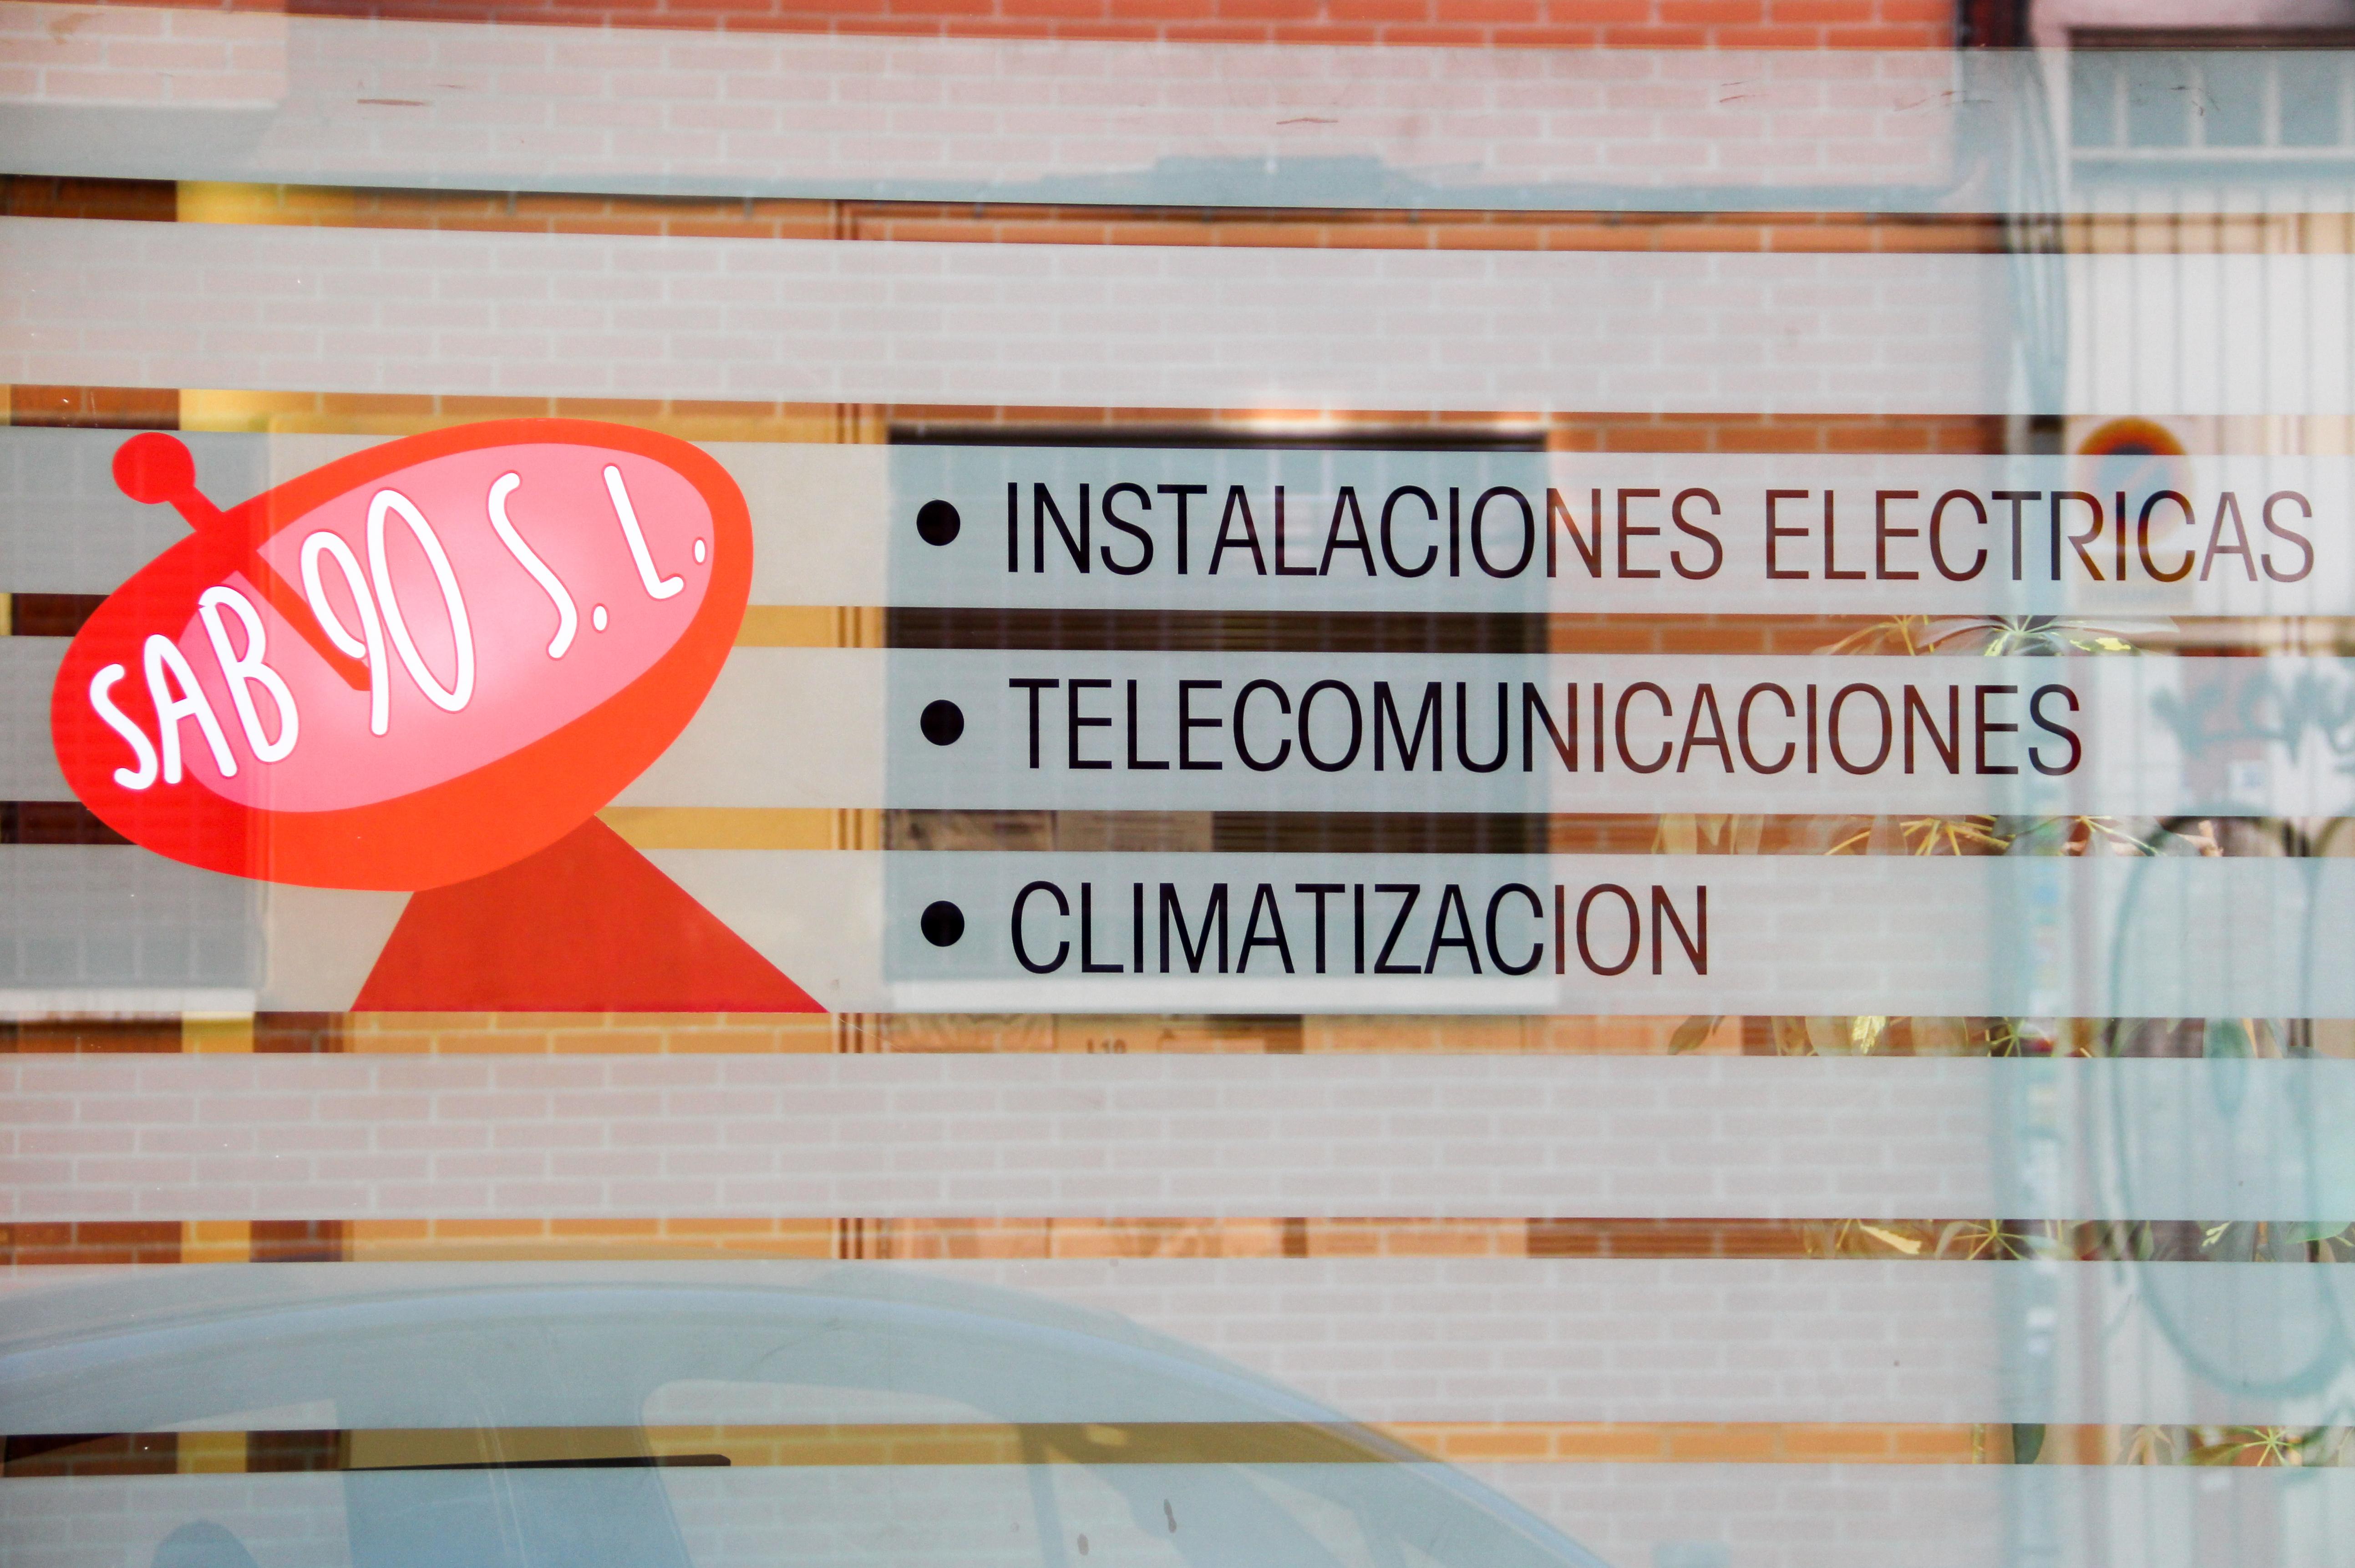 Instalaciones eléctricas, Telecomunicaciones, Climatización.